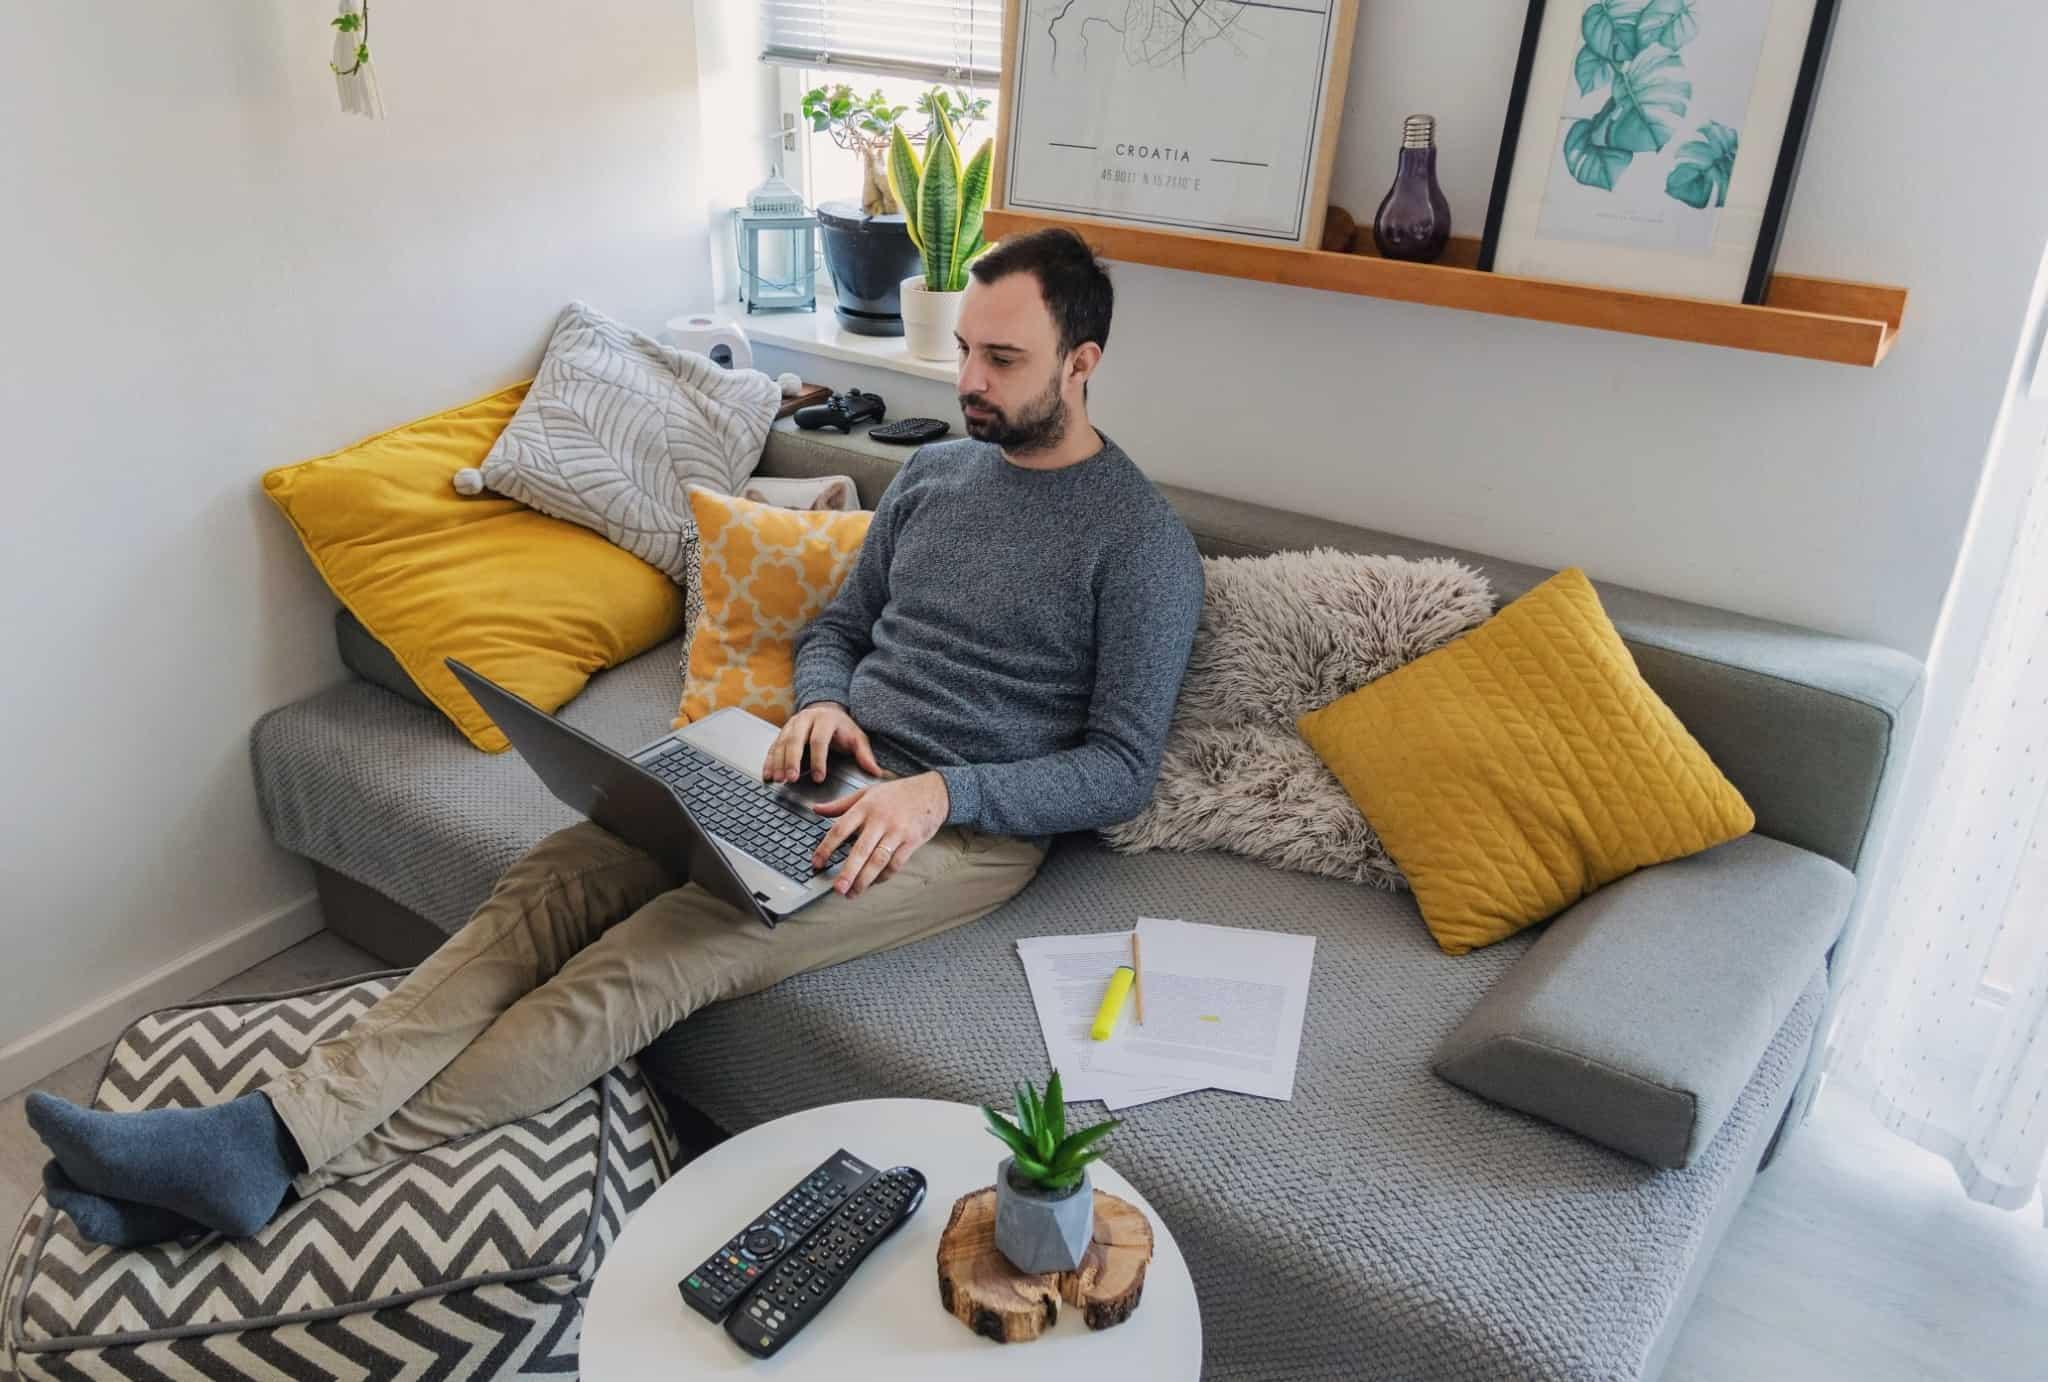 Homem sentado no sofá a trabalhar com o seu portátil em cima das pernas